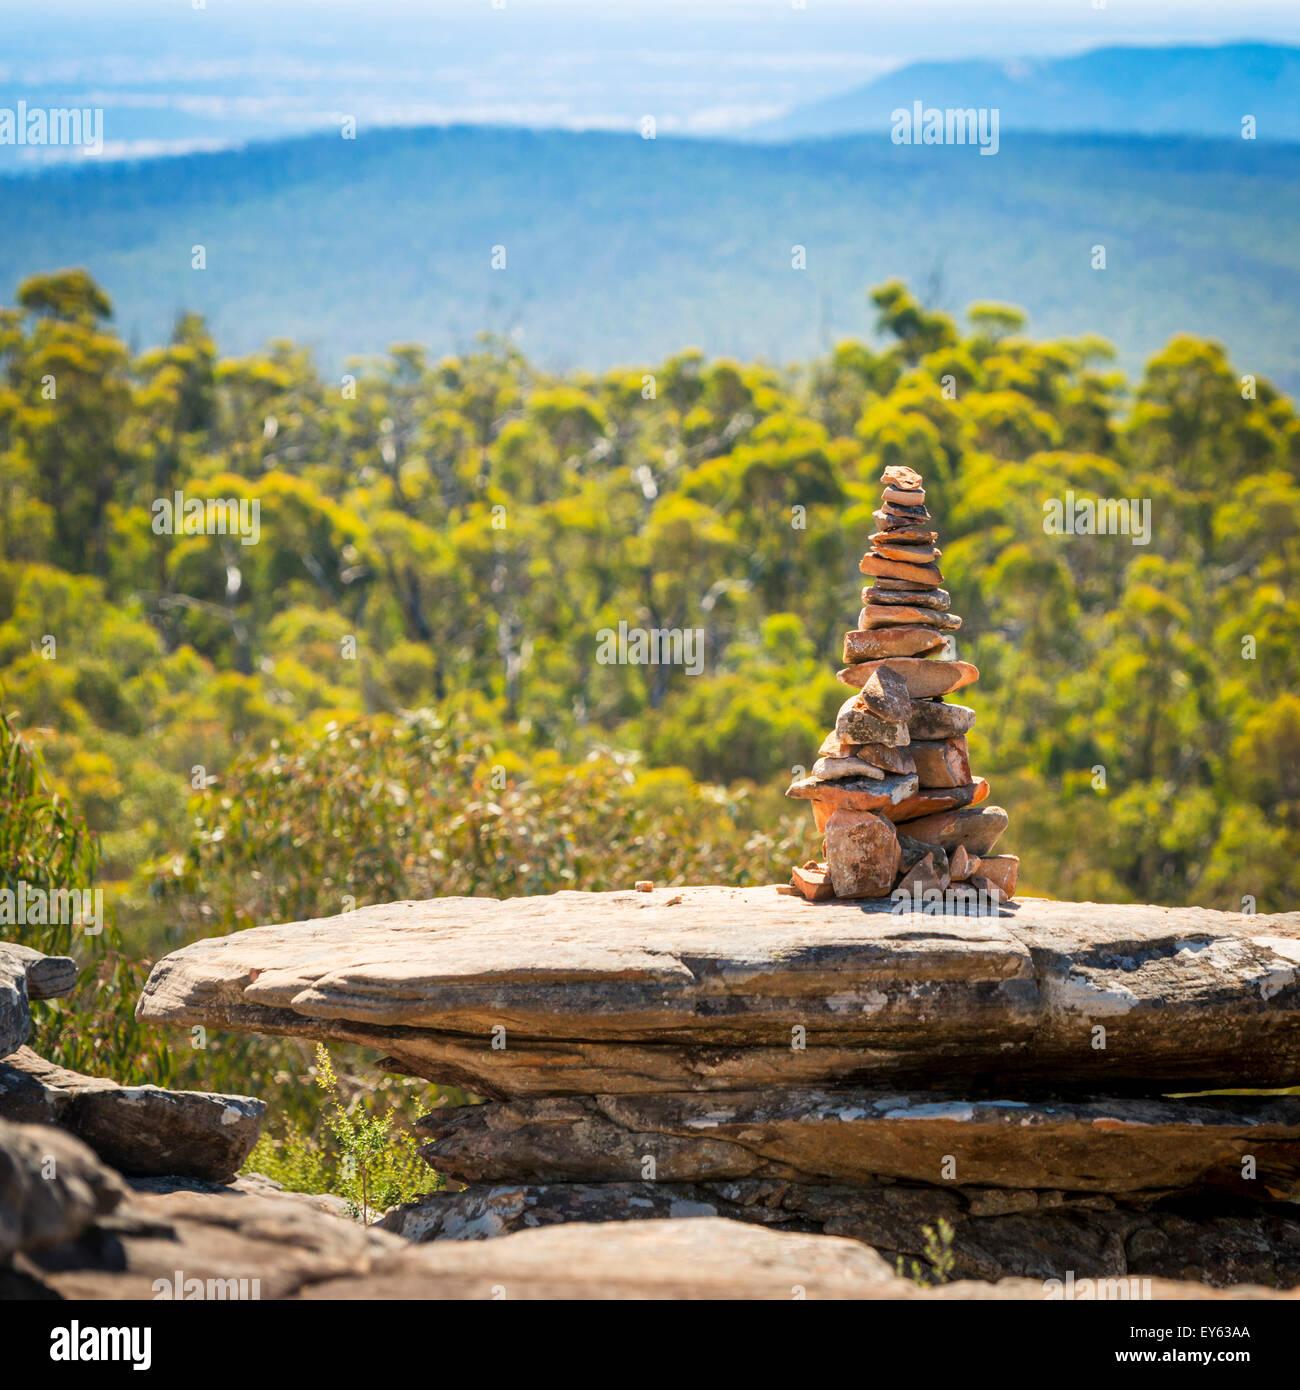 Pila di pietre in perfetto equilibrio Nello shallow focus con sfondo naturale Immagini Stock